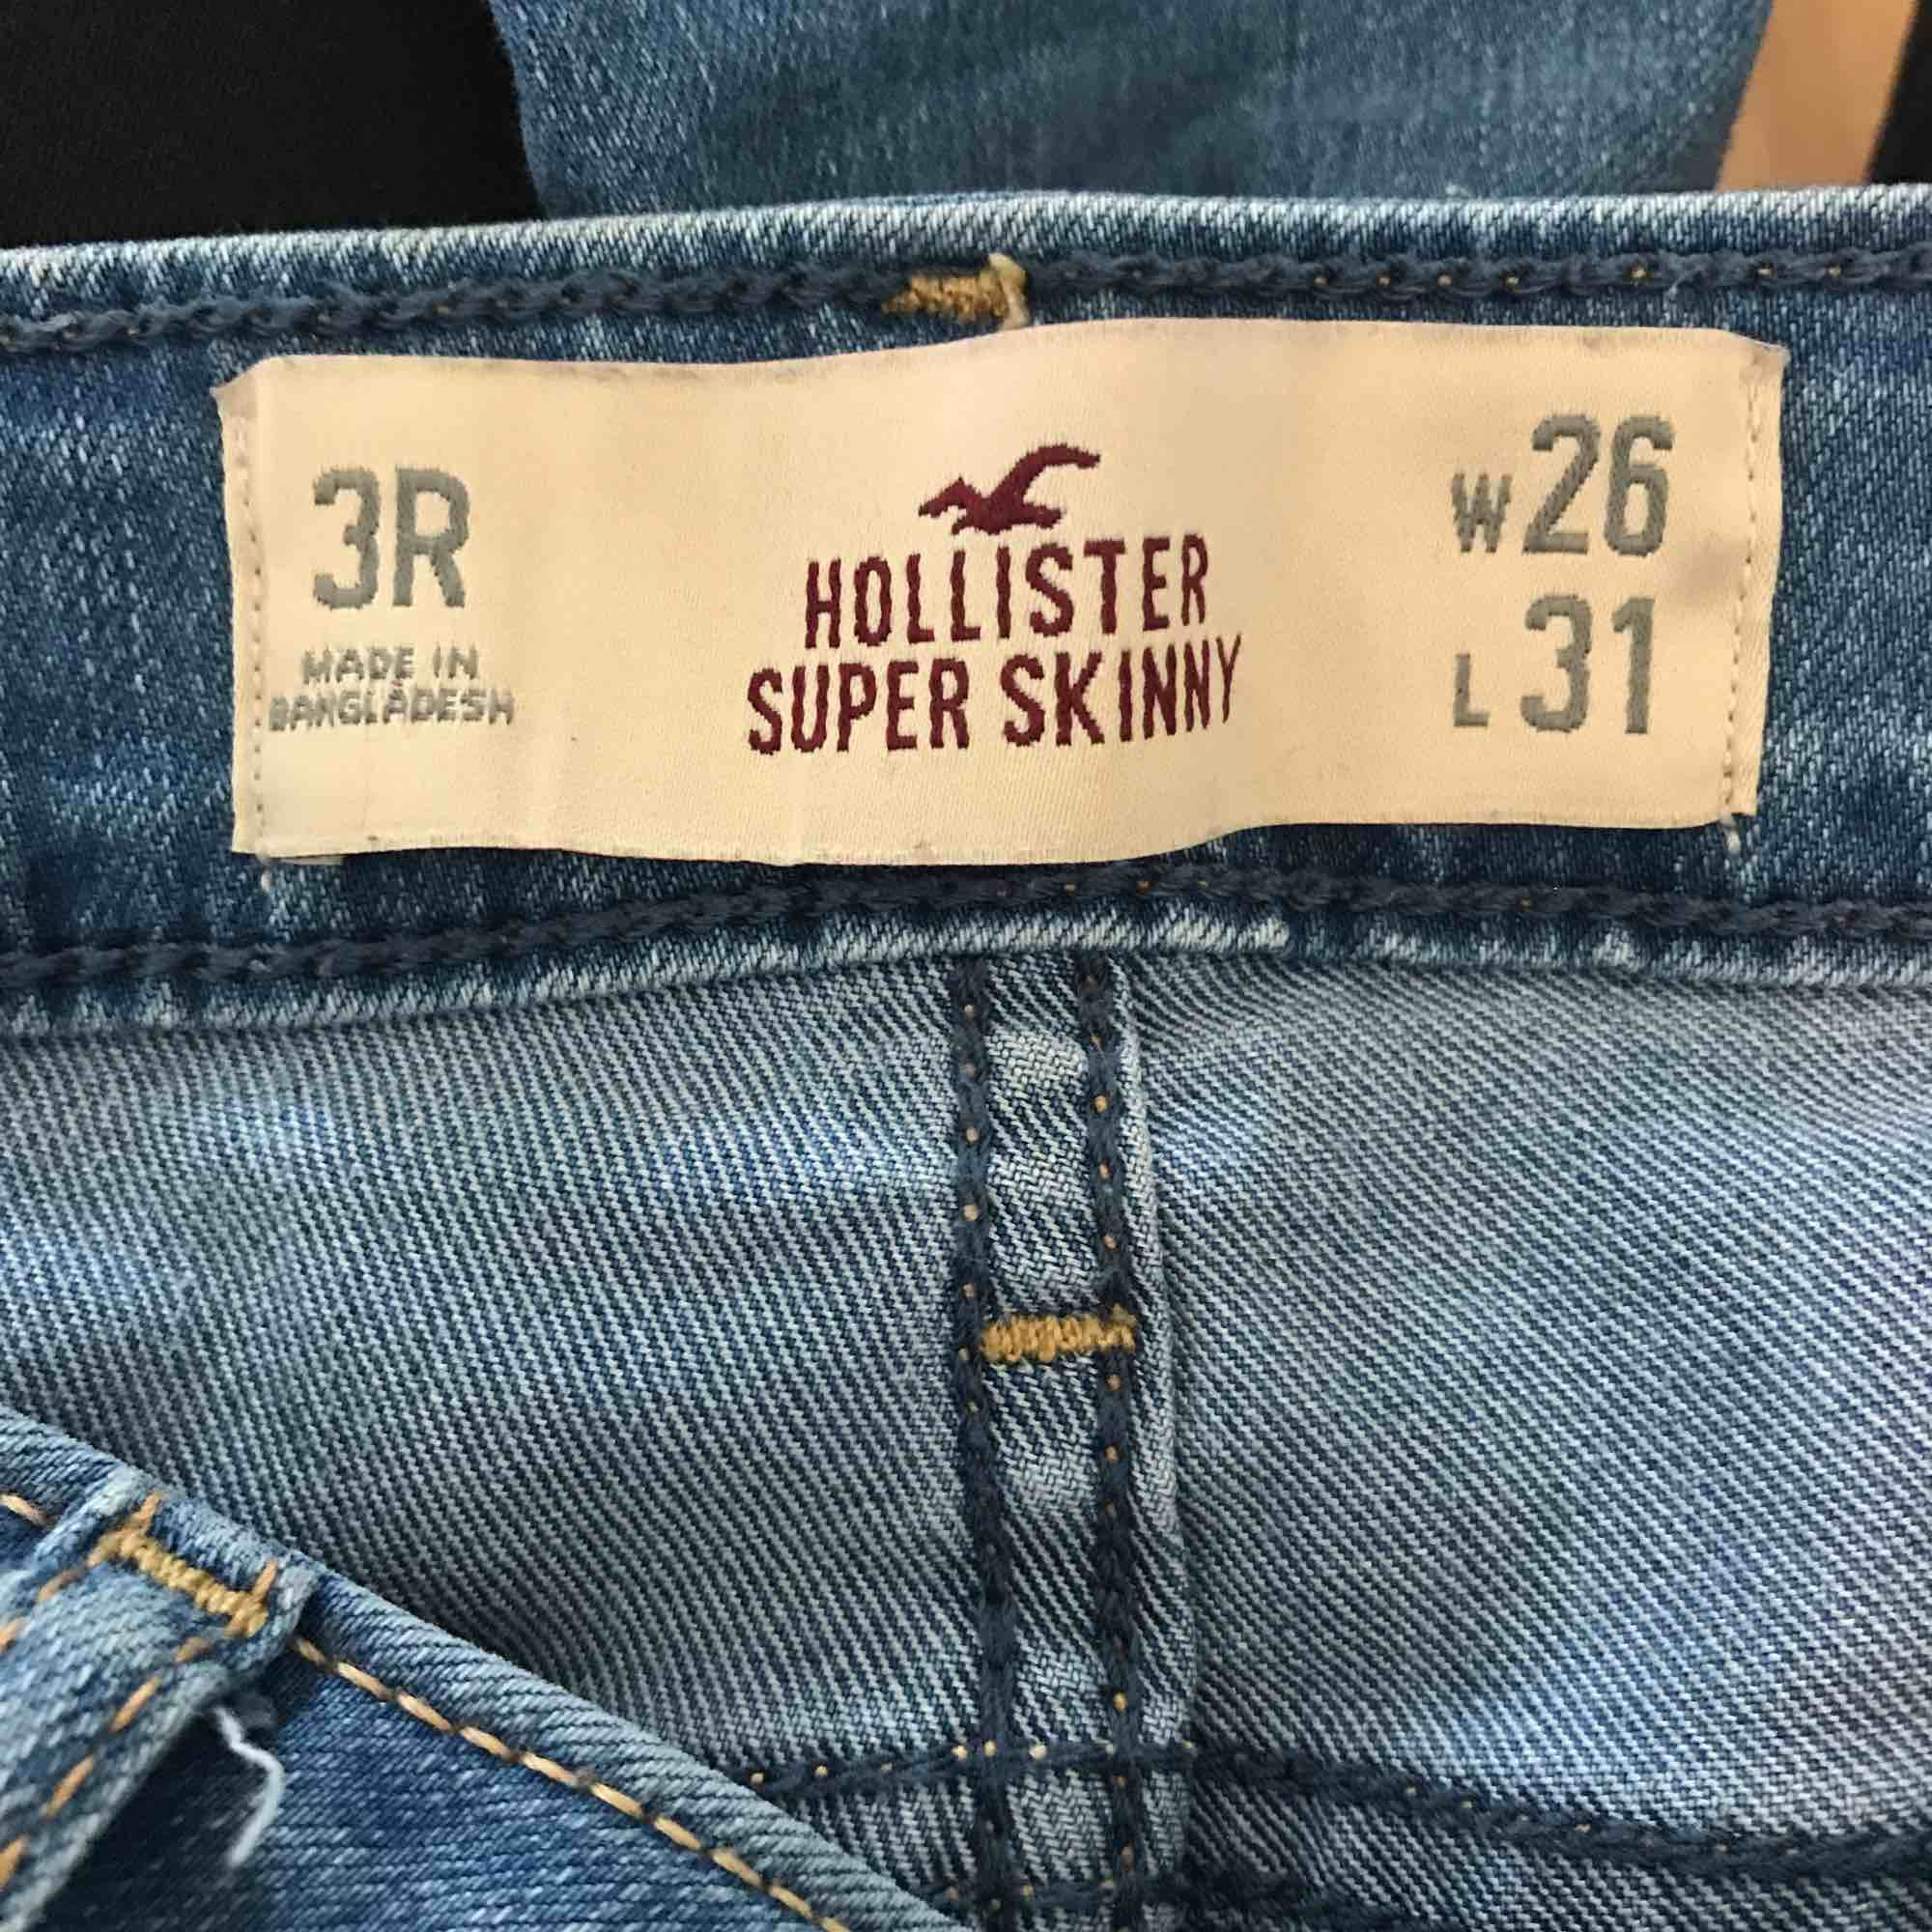 Slitna ljusa jeans från hollister. de har storleken W26 L31, de är i bra skick, endast använd fåtal gånger. köparen står även för frakten. fler bilder kan fixas om det önskas. Jeans & Byxor.